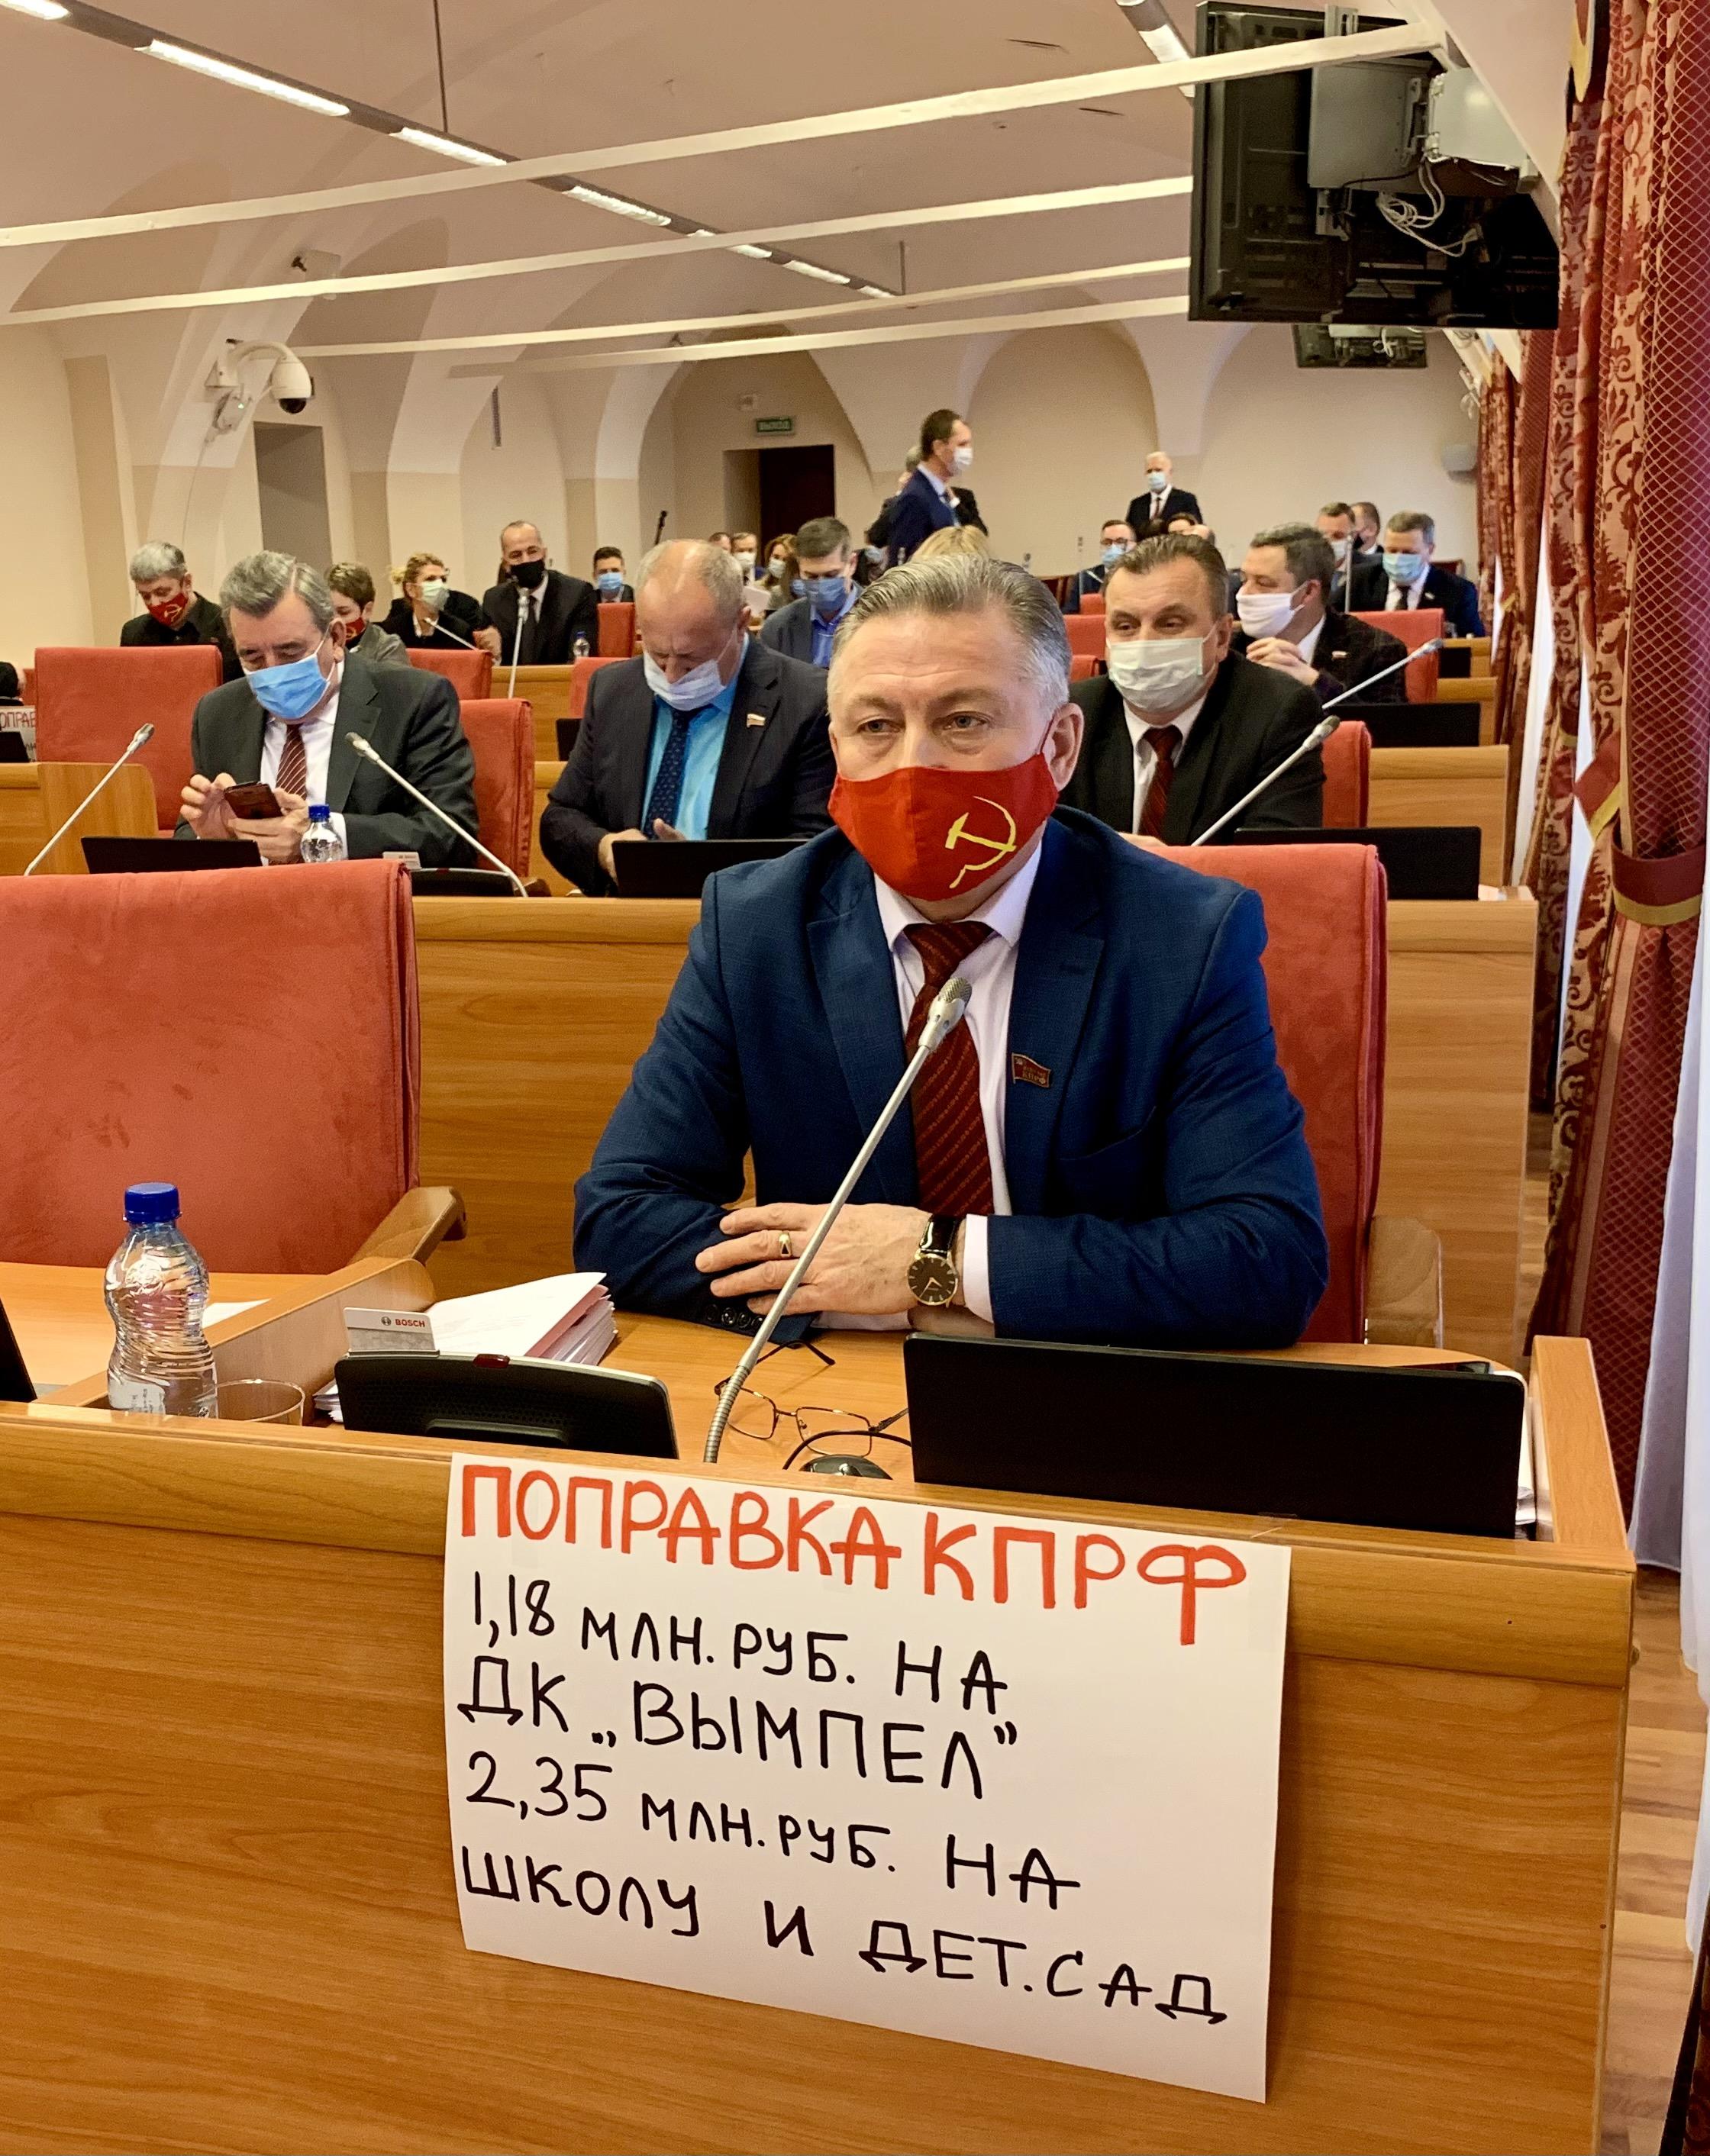 ПОПРАВКА КПРФ: Рыбинску на дома культуры, школы и детские сады